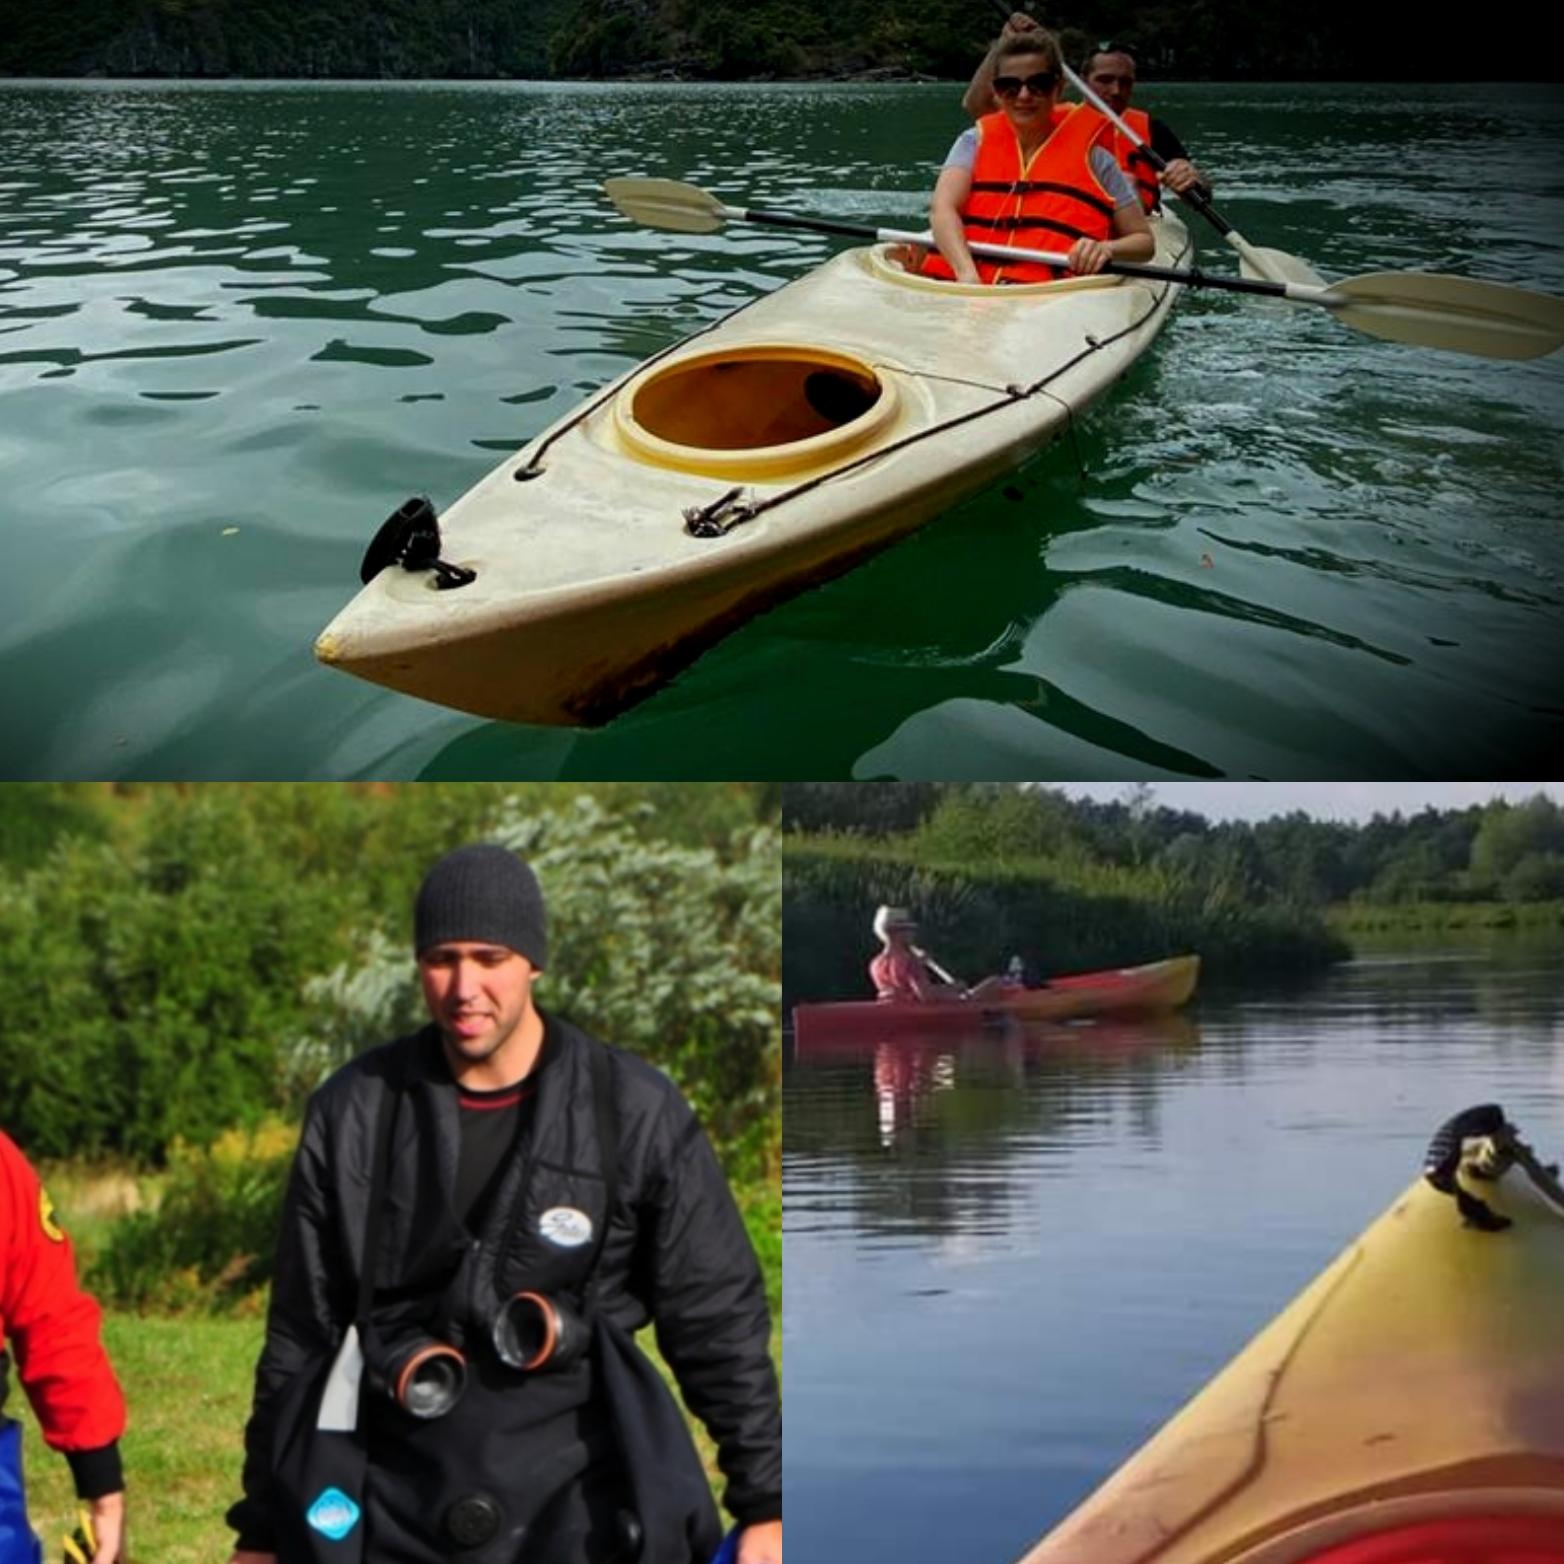 Wstrzymujemy na razie instruktaże z bezpieczeństwa na wodzie i nurkowania.